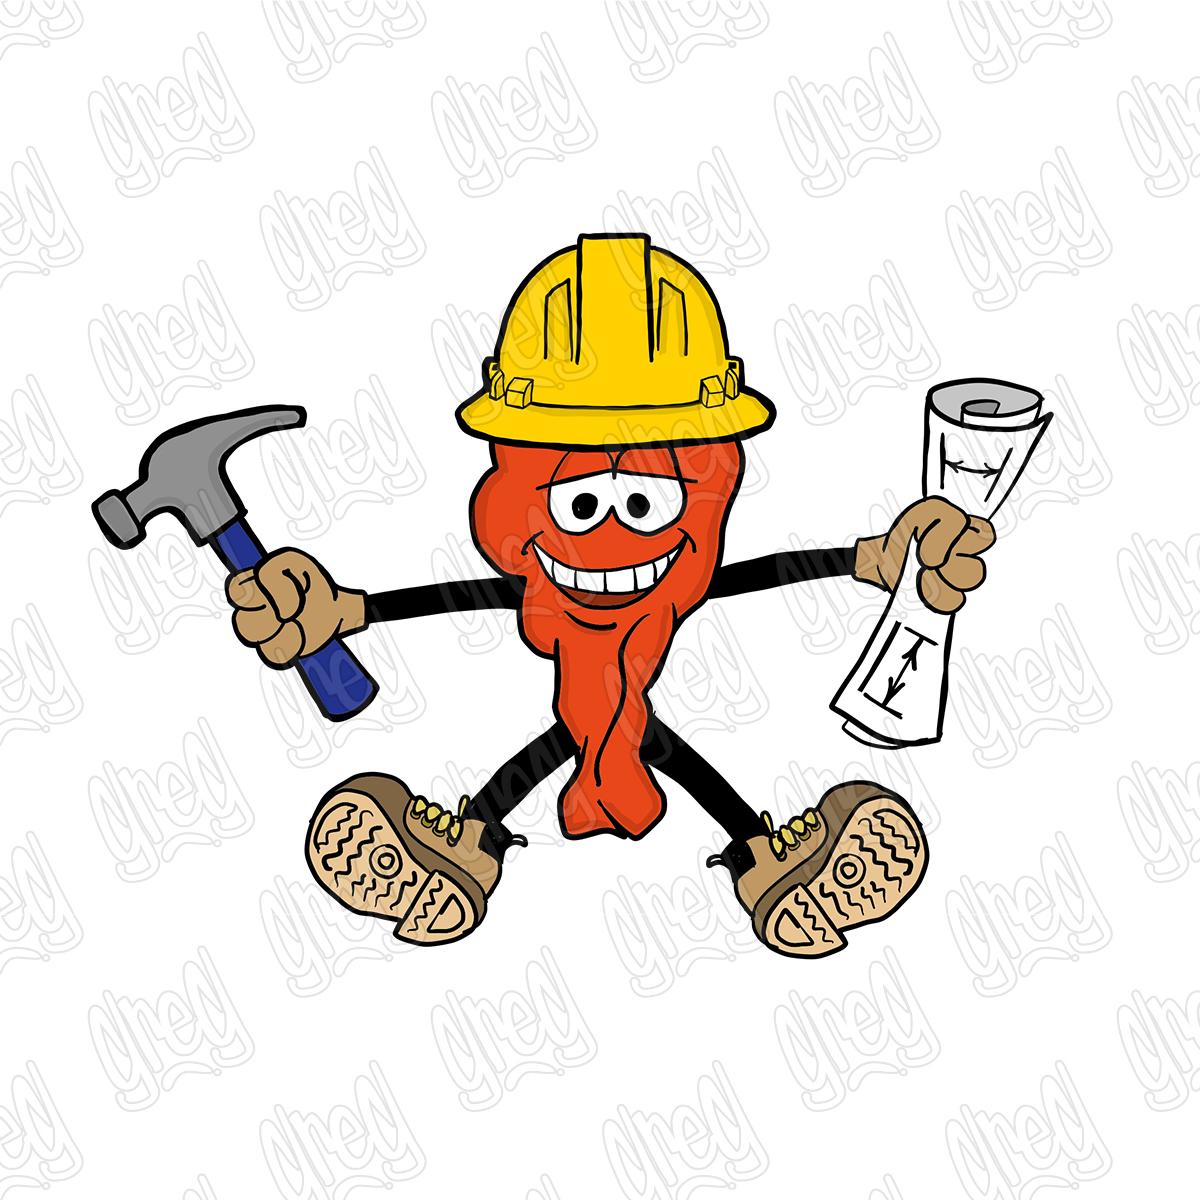 Contractor Hot Wing Cartoon by Greg Culver